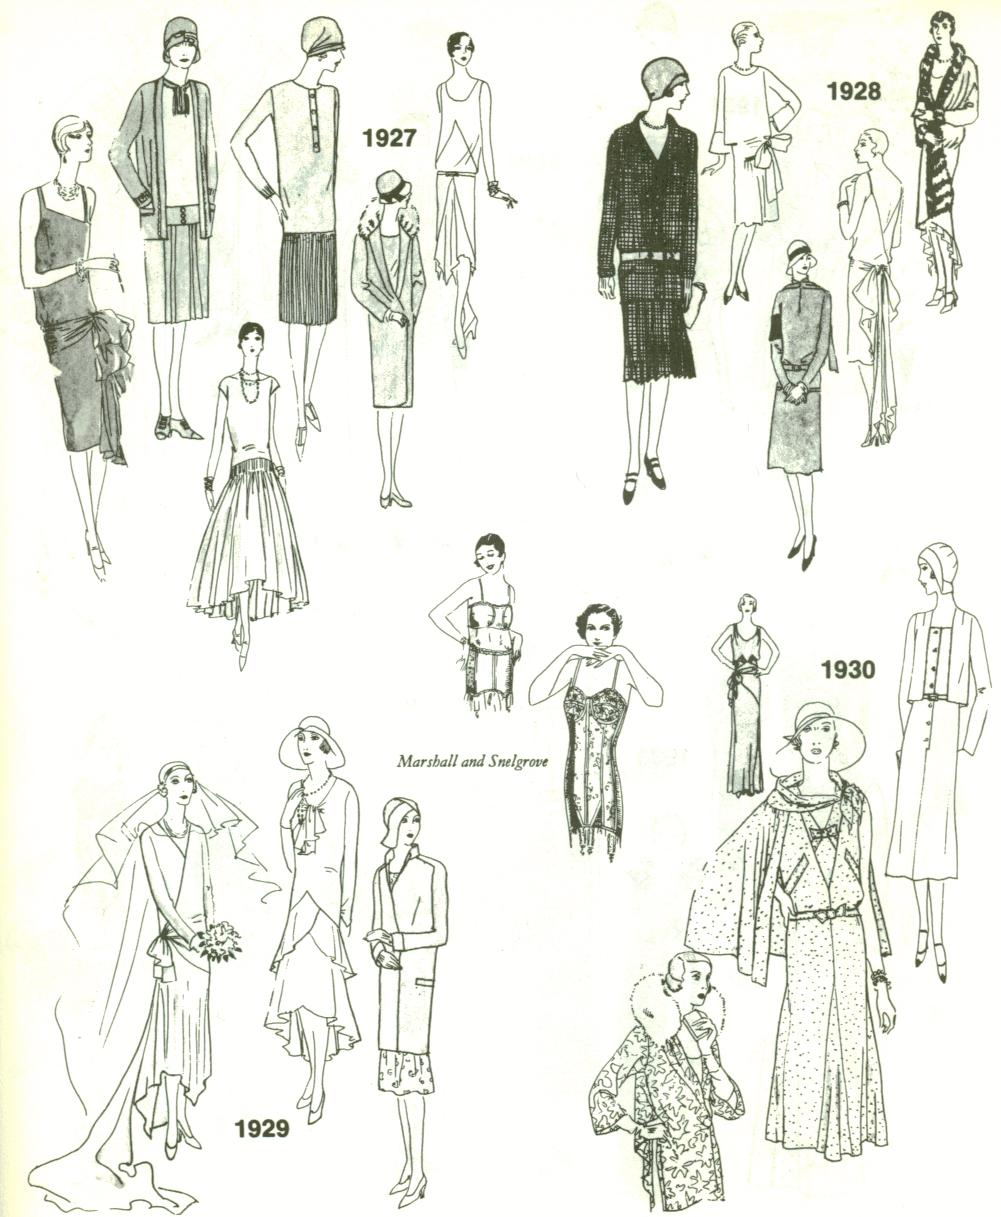 dessin de mode couture stylisme | Dessin de mode, Croquis de mode, Dessin